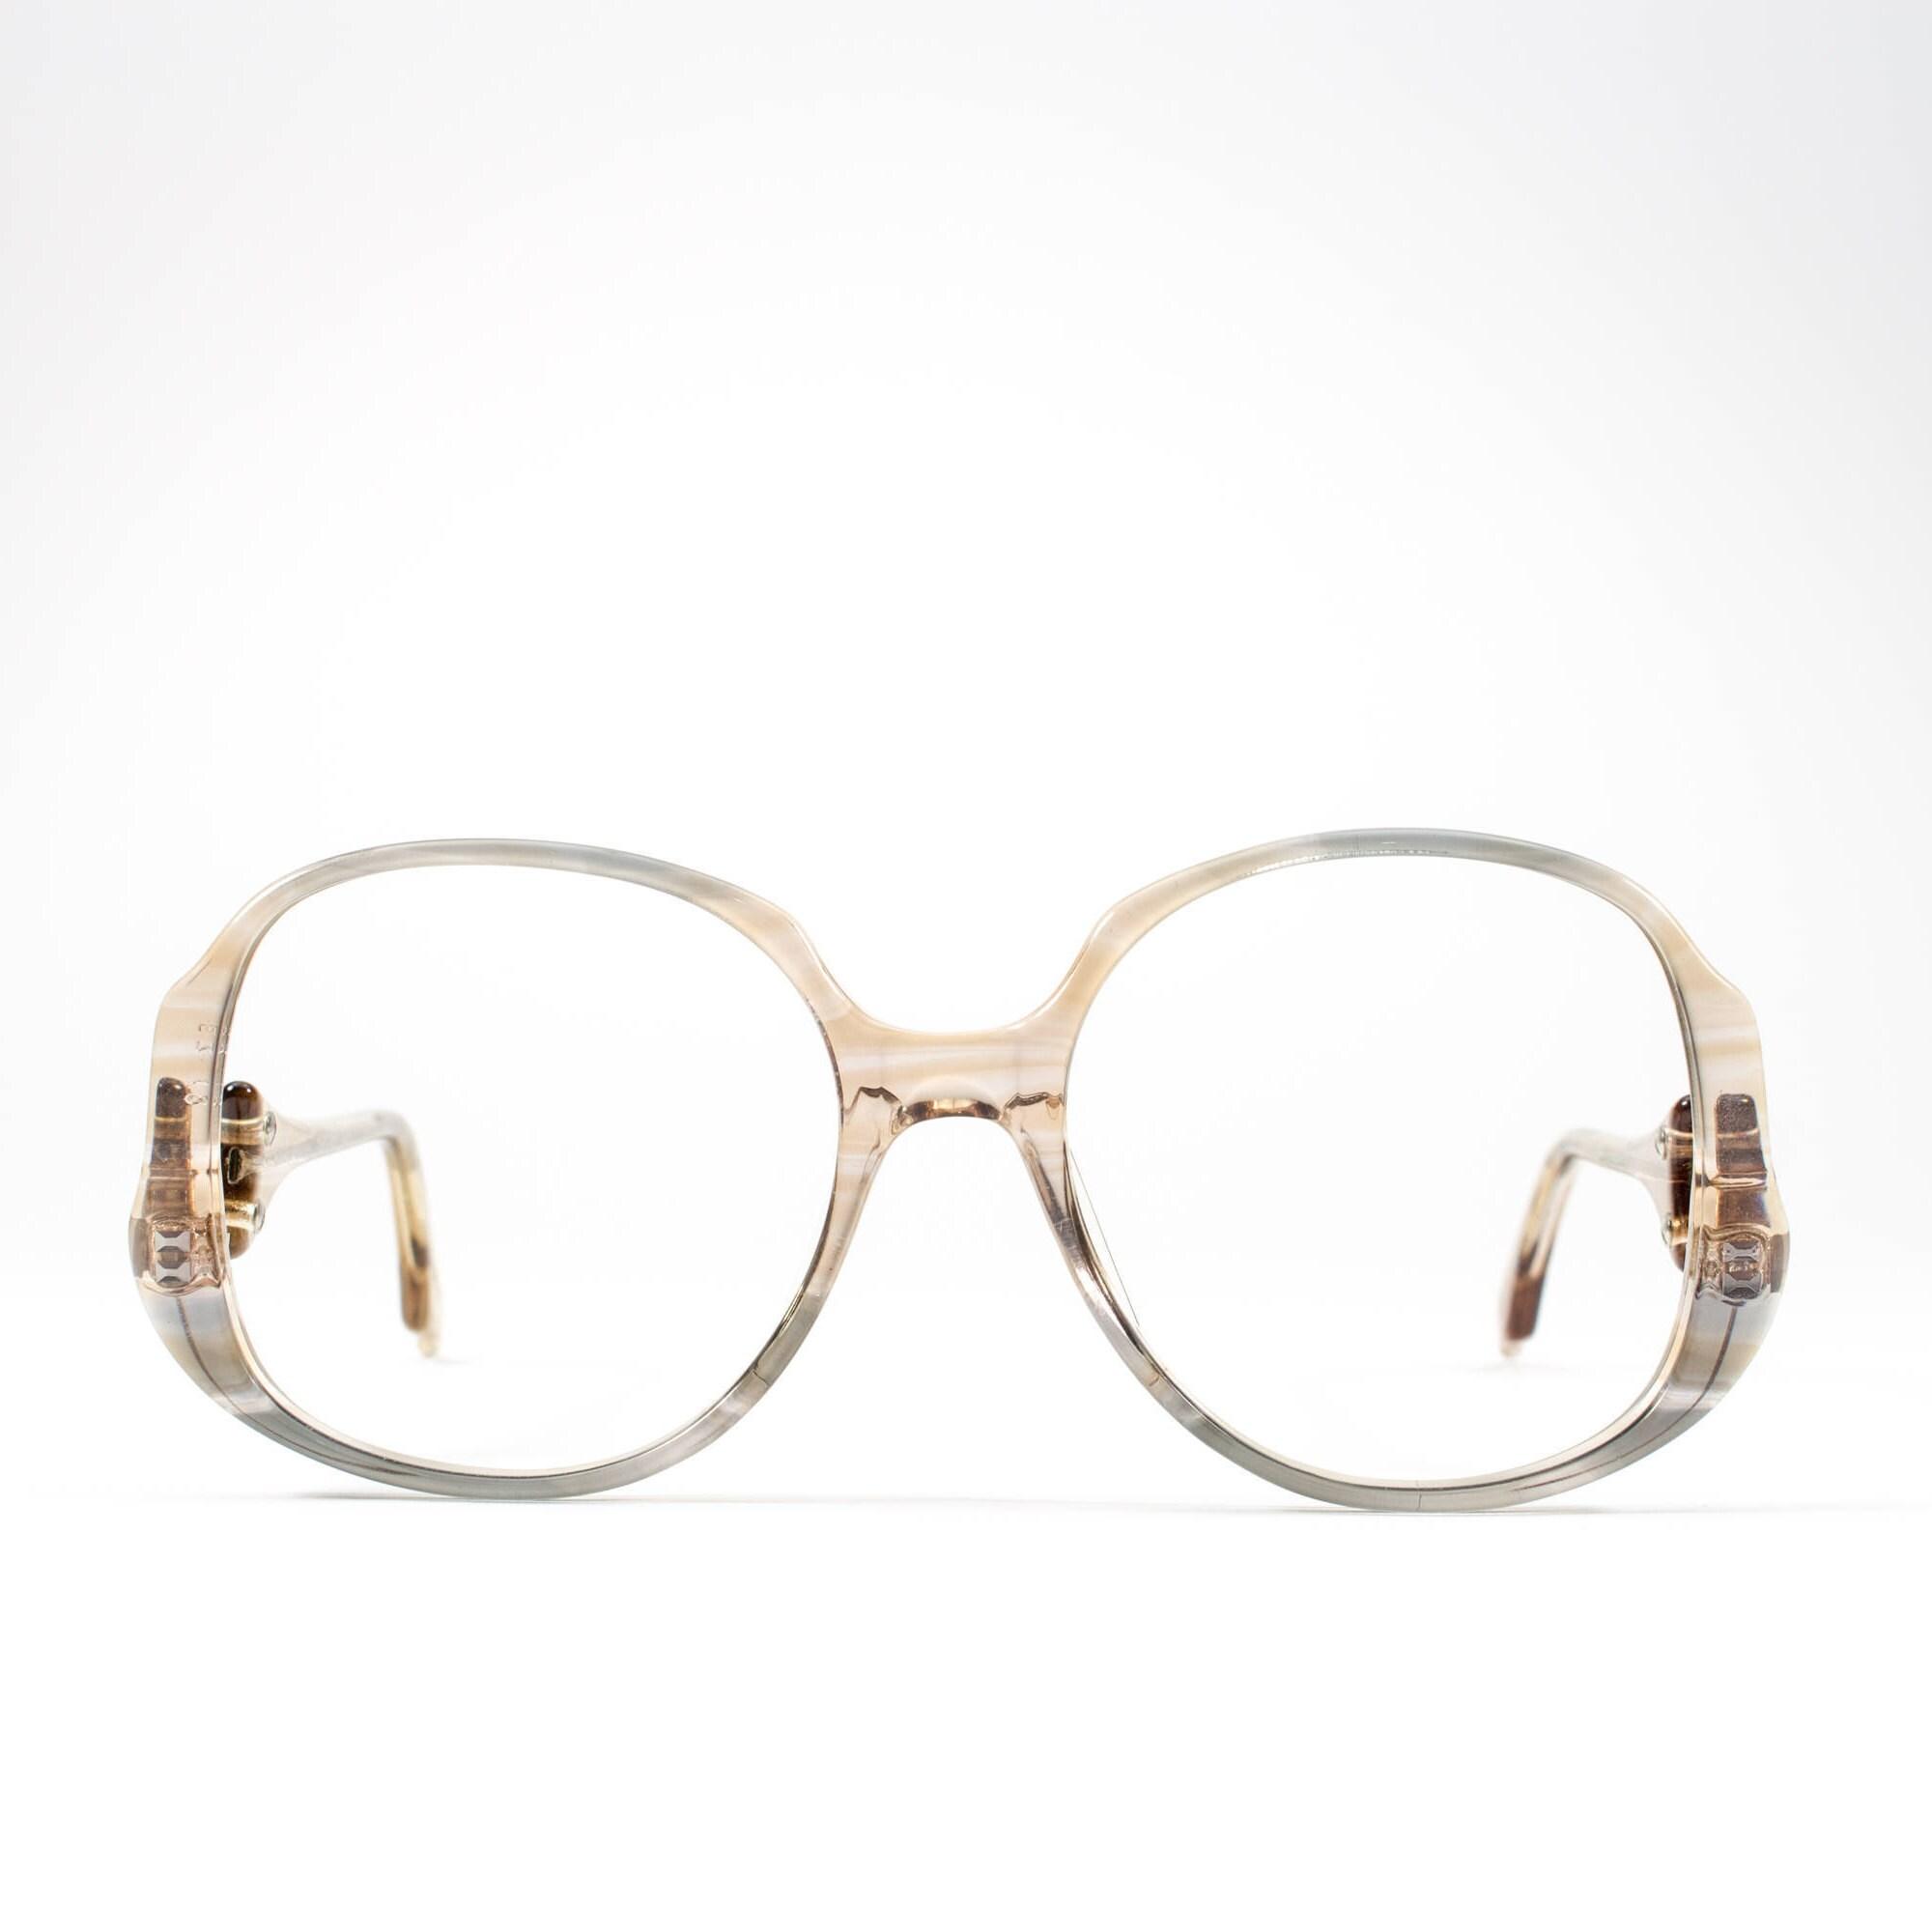 292cdb2435a1 Vintage 70s Glasses